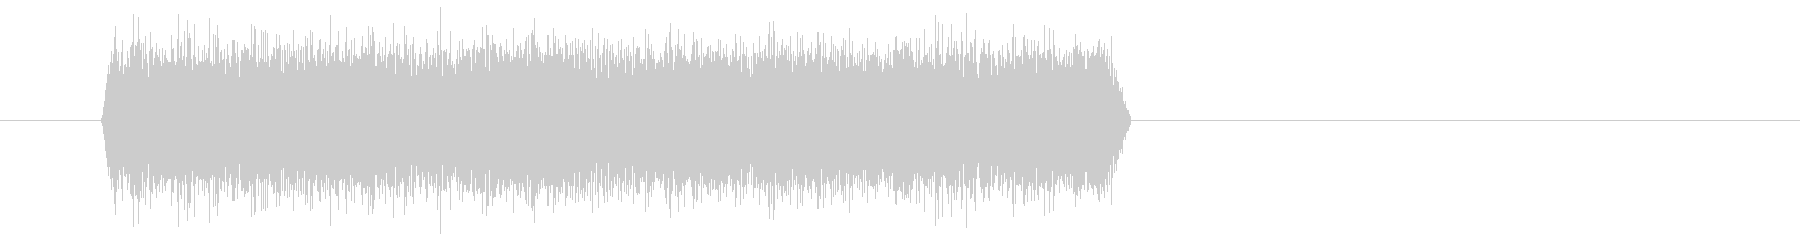 シュー(噴射音) 01の未再生の波形